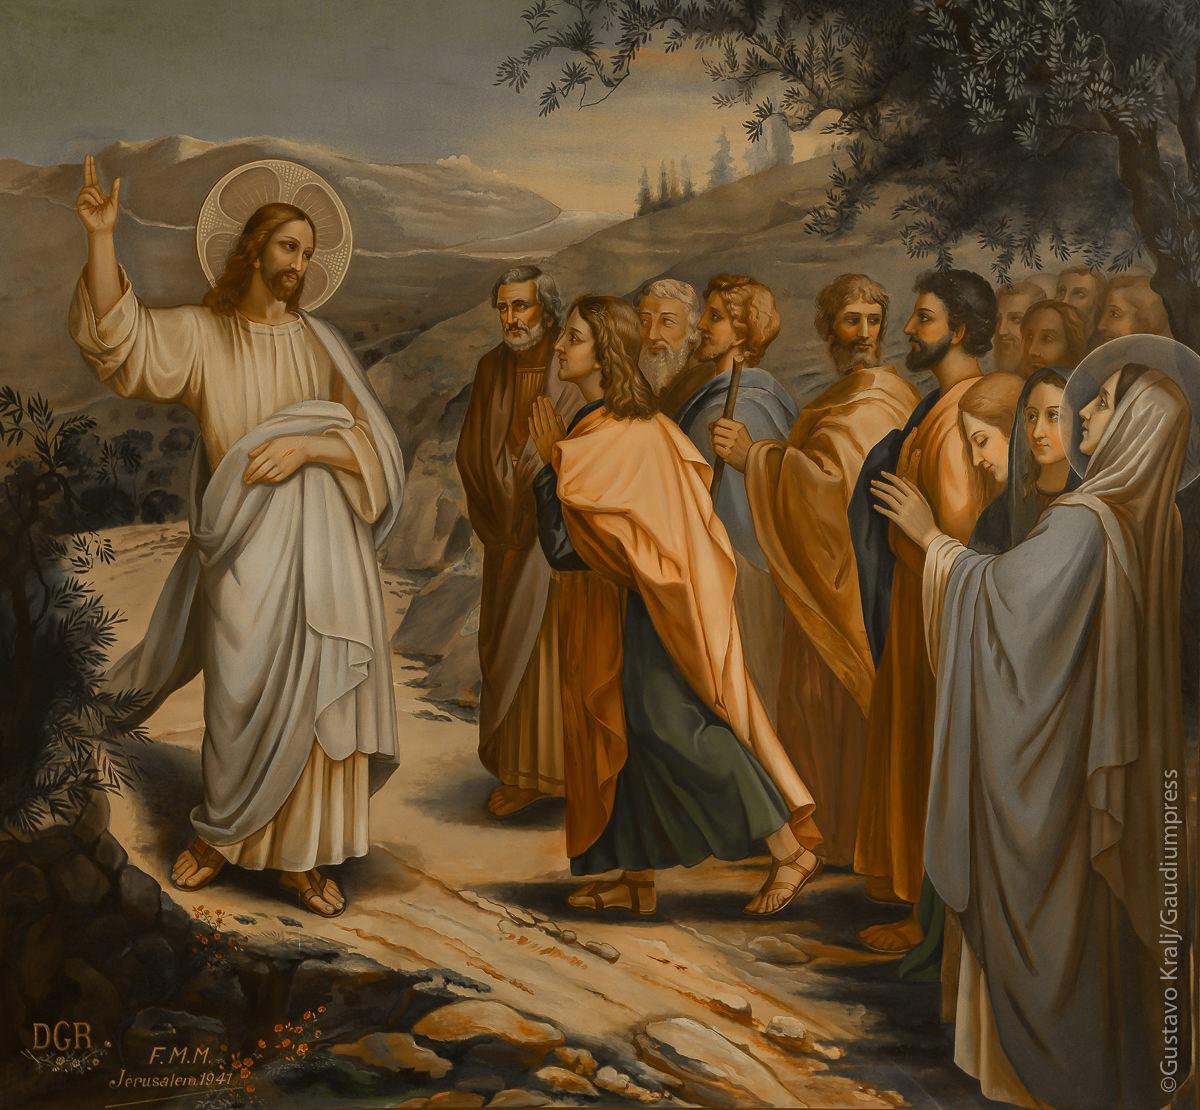 Betania, Tierra Santa: Jesús y los apóstoles. Oleo, siglo XX. Foto: Gustavo Kralj/GaudiumpressImages.com